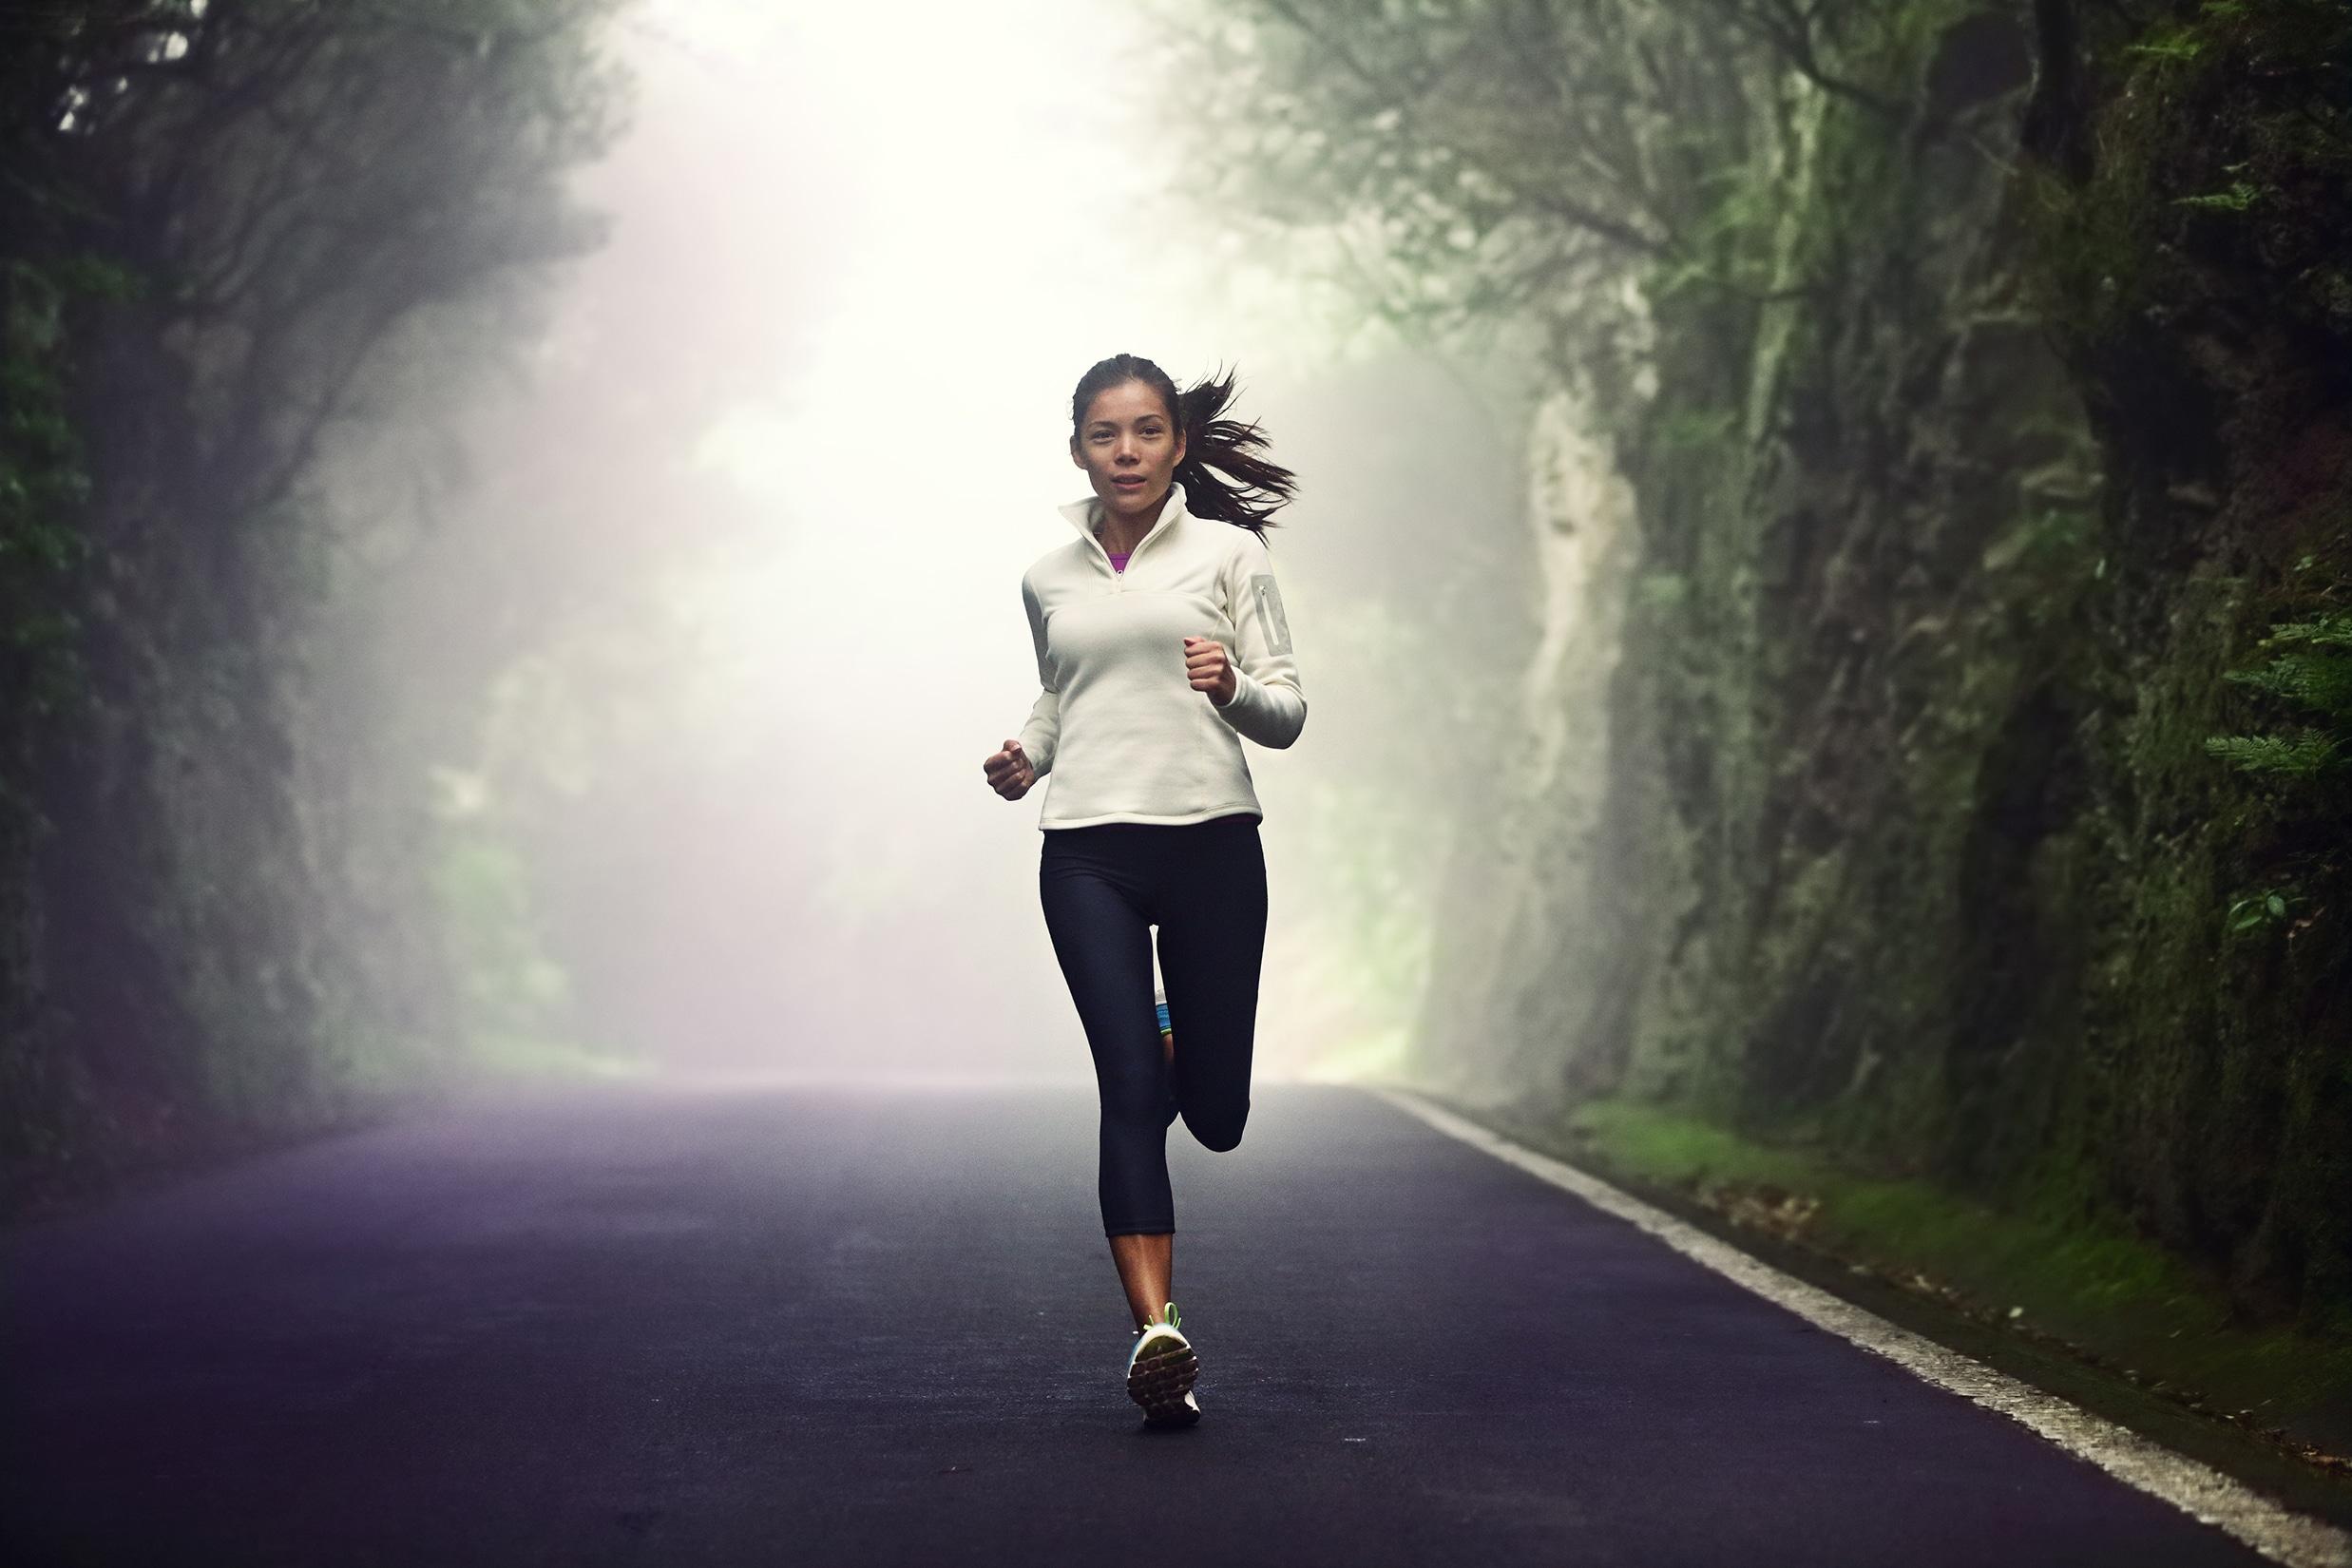 Part III: I've run marathon(s), but I can't kick worth sh*t